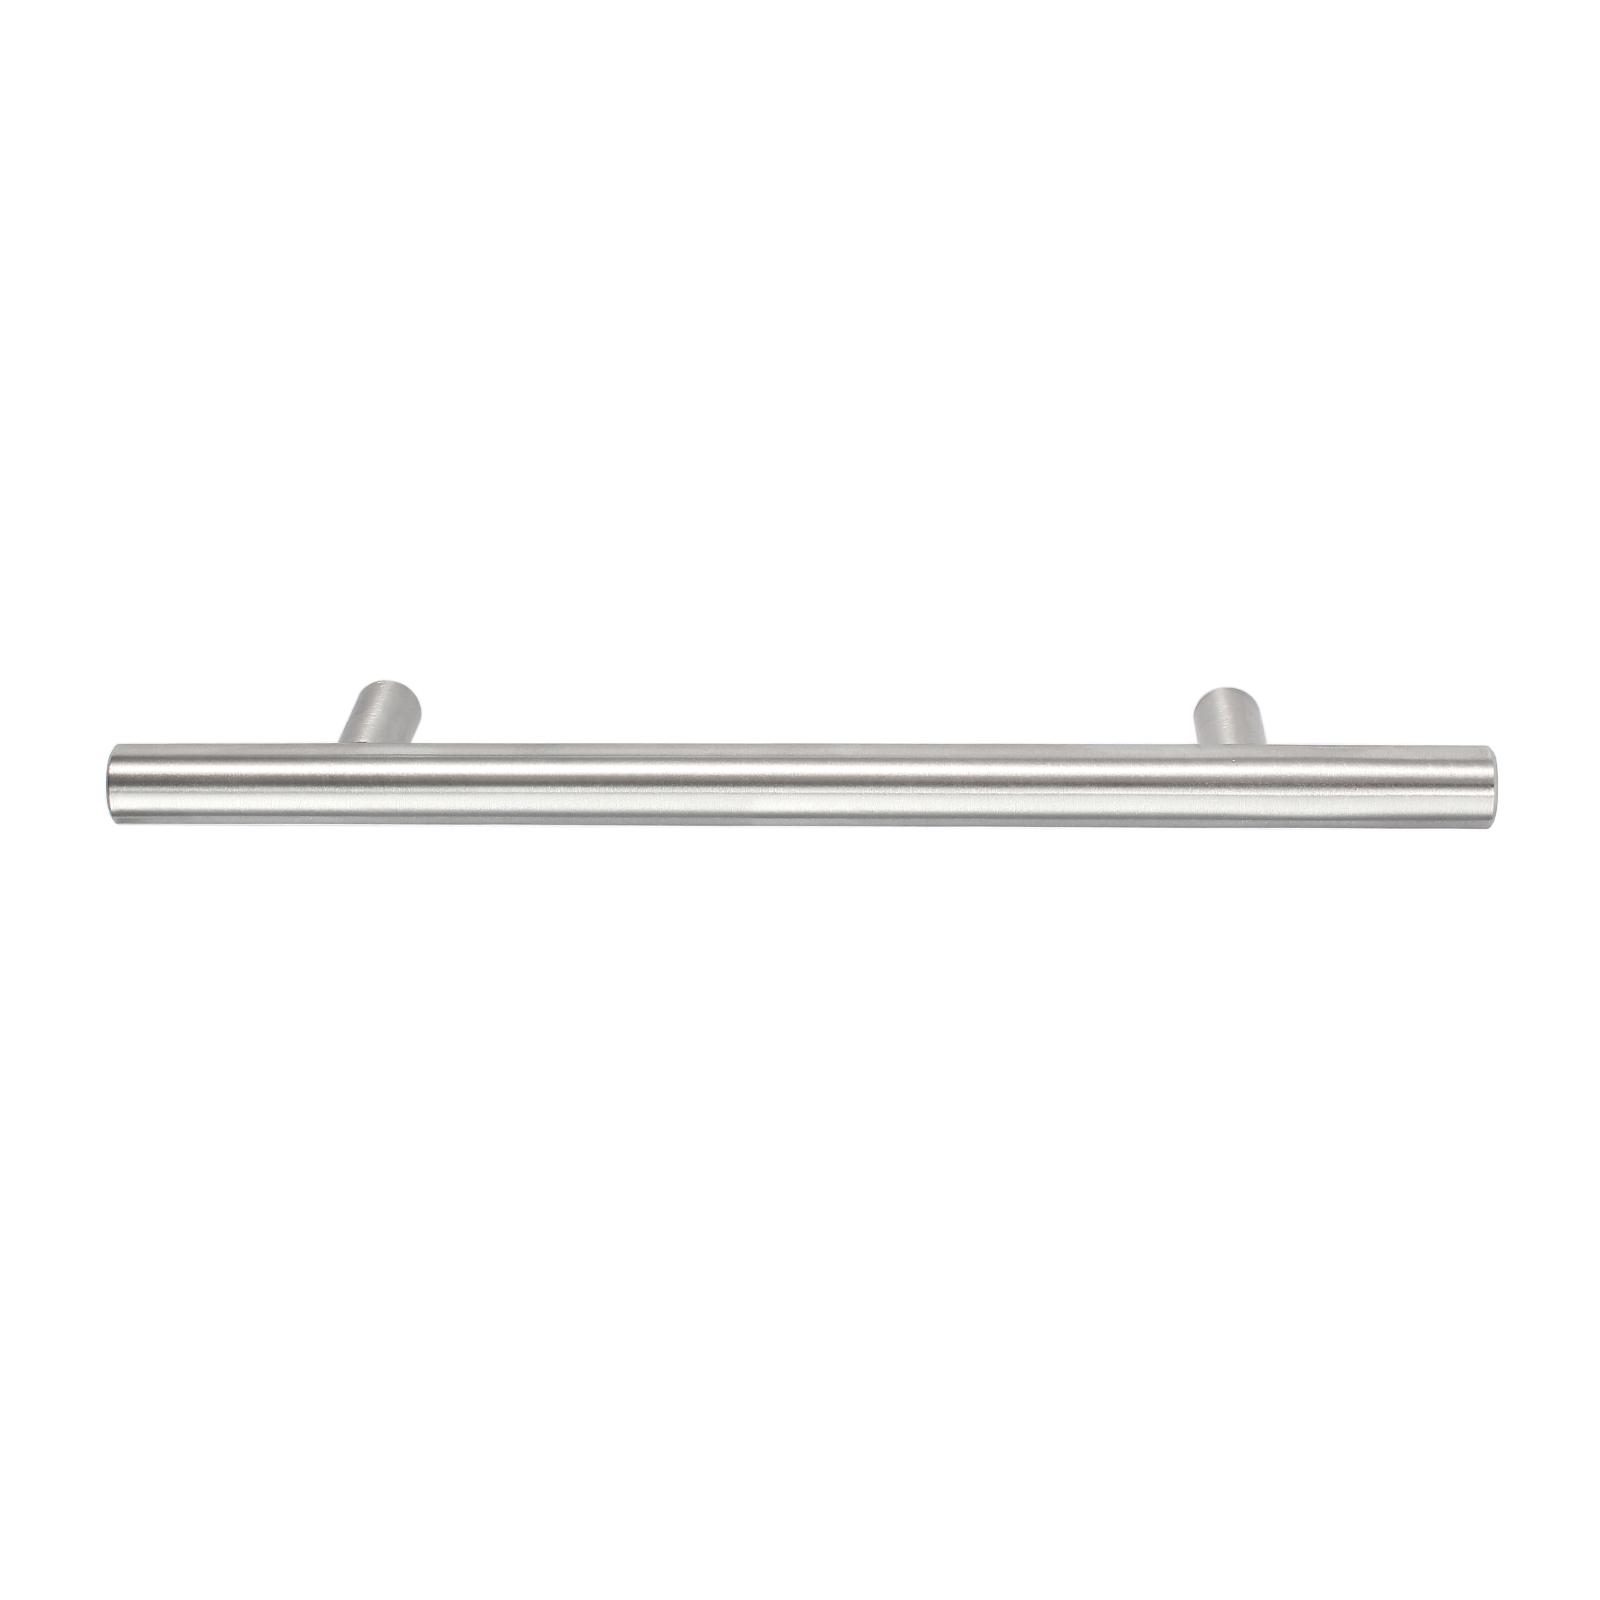 Möbelgriffe Zubehör 10x200mm Möbelgriff Relinggriff Stangen Küchen Schrank  Griff Edelstahl DE Silber